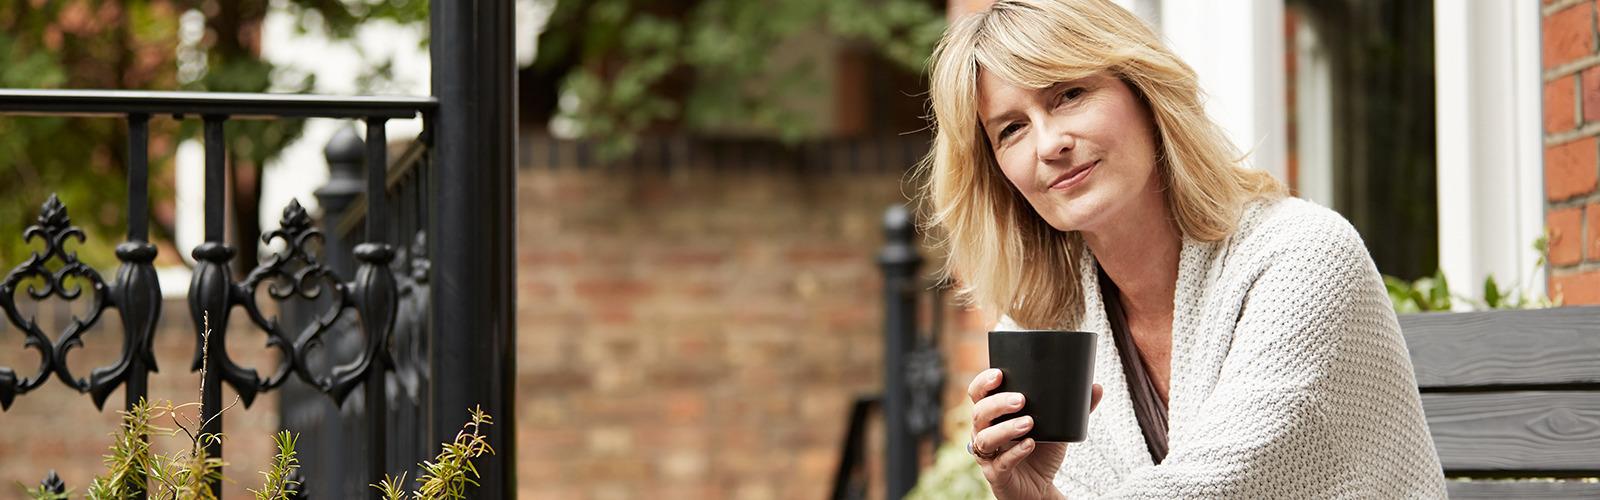 Жінка насолоджується чашкою чаю на ґанку цегляного будинку